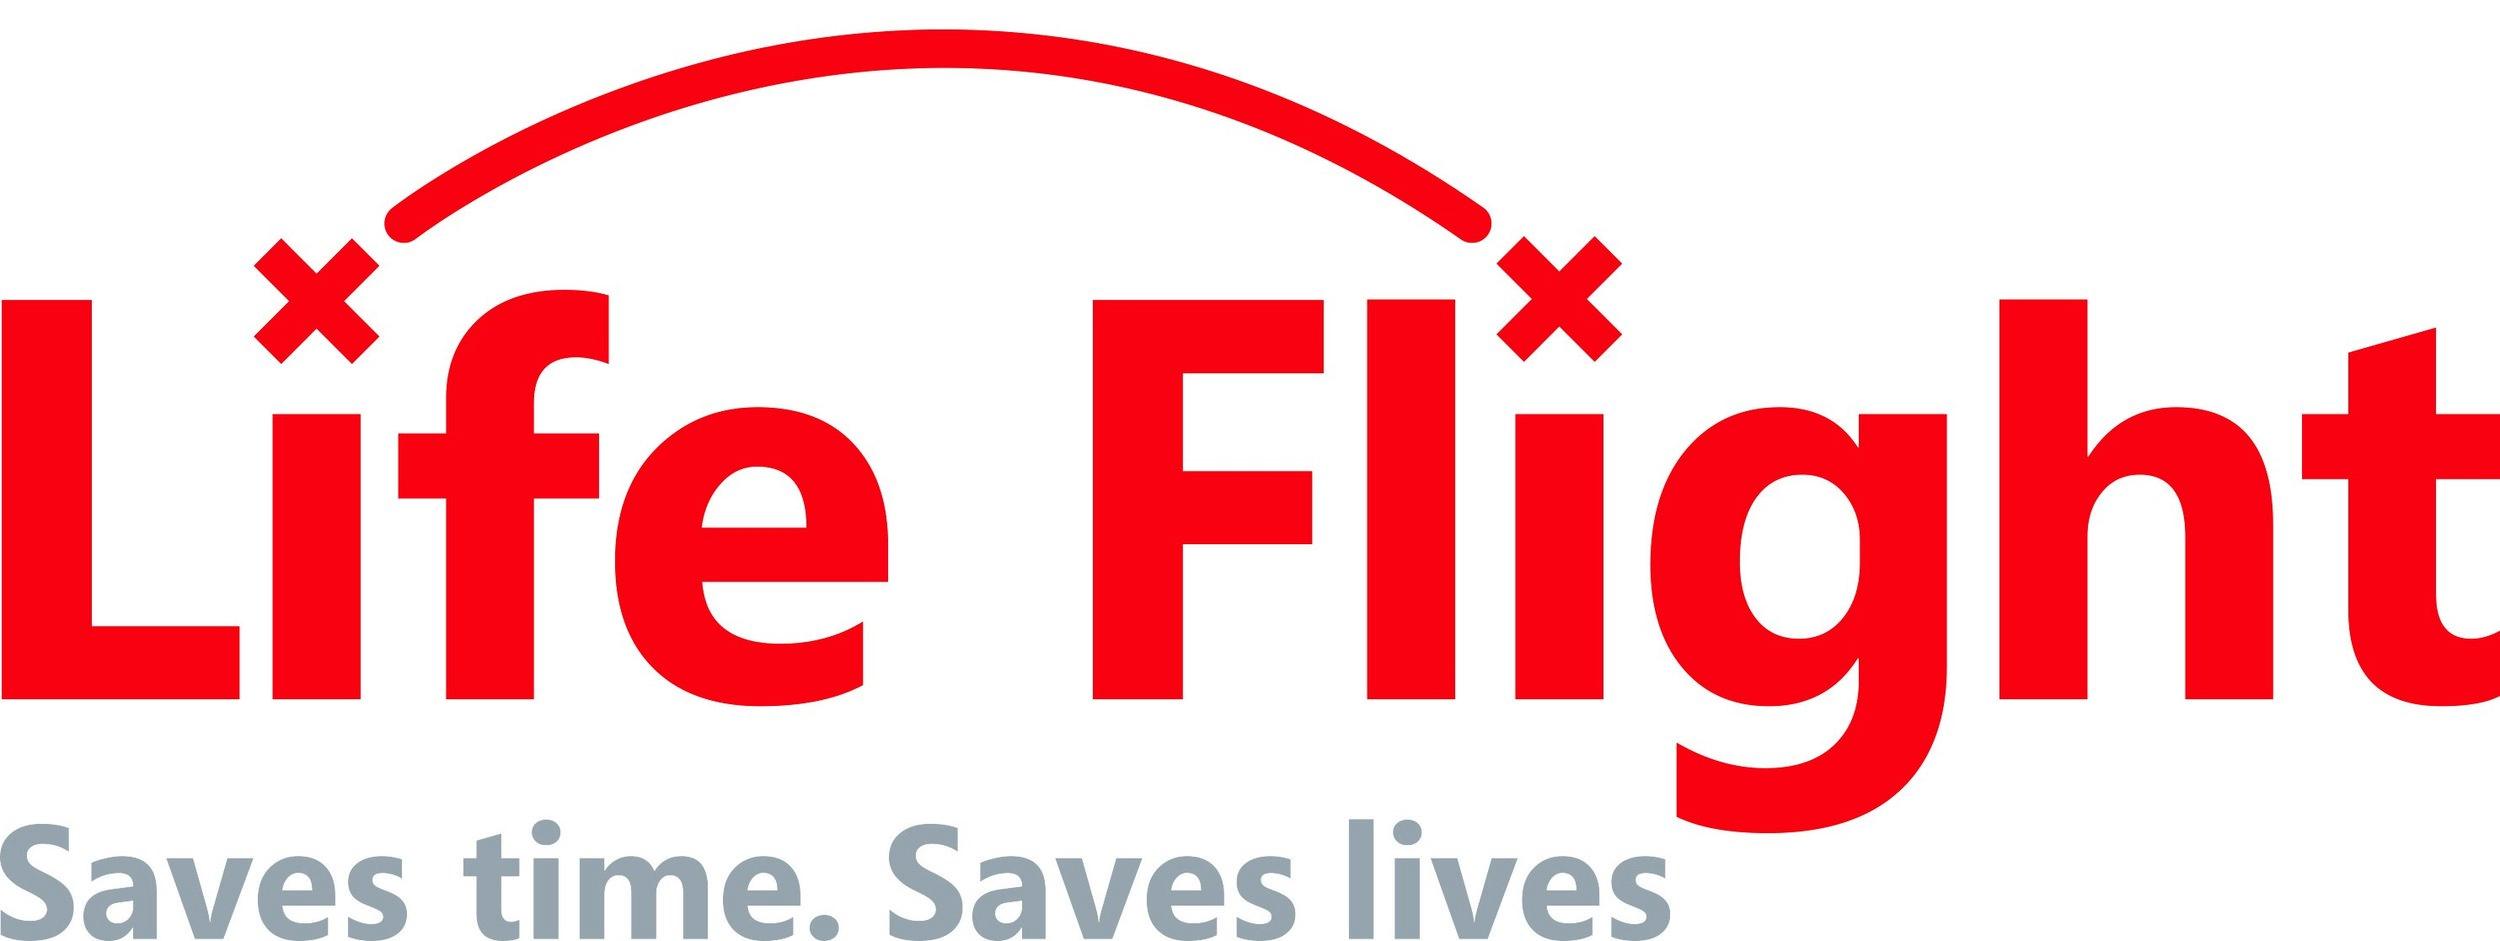 Lifeflight logo.jpg